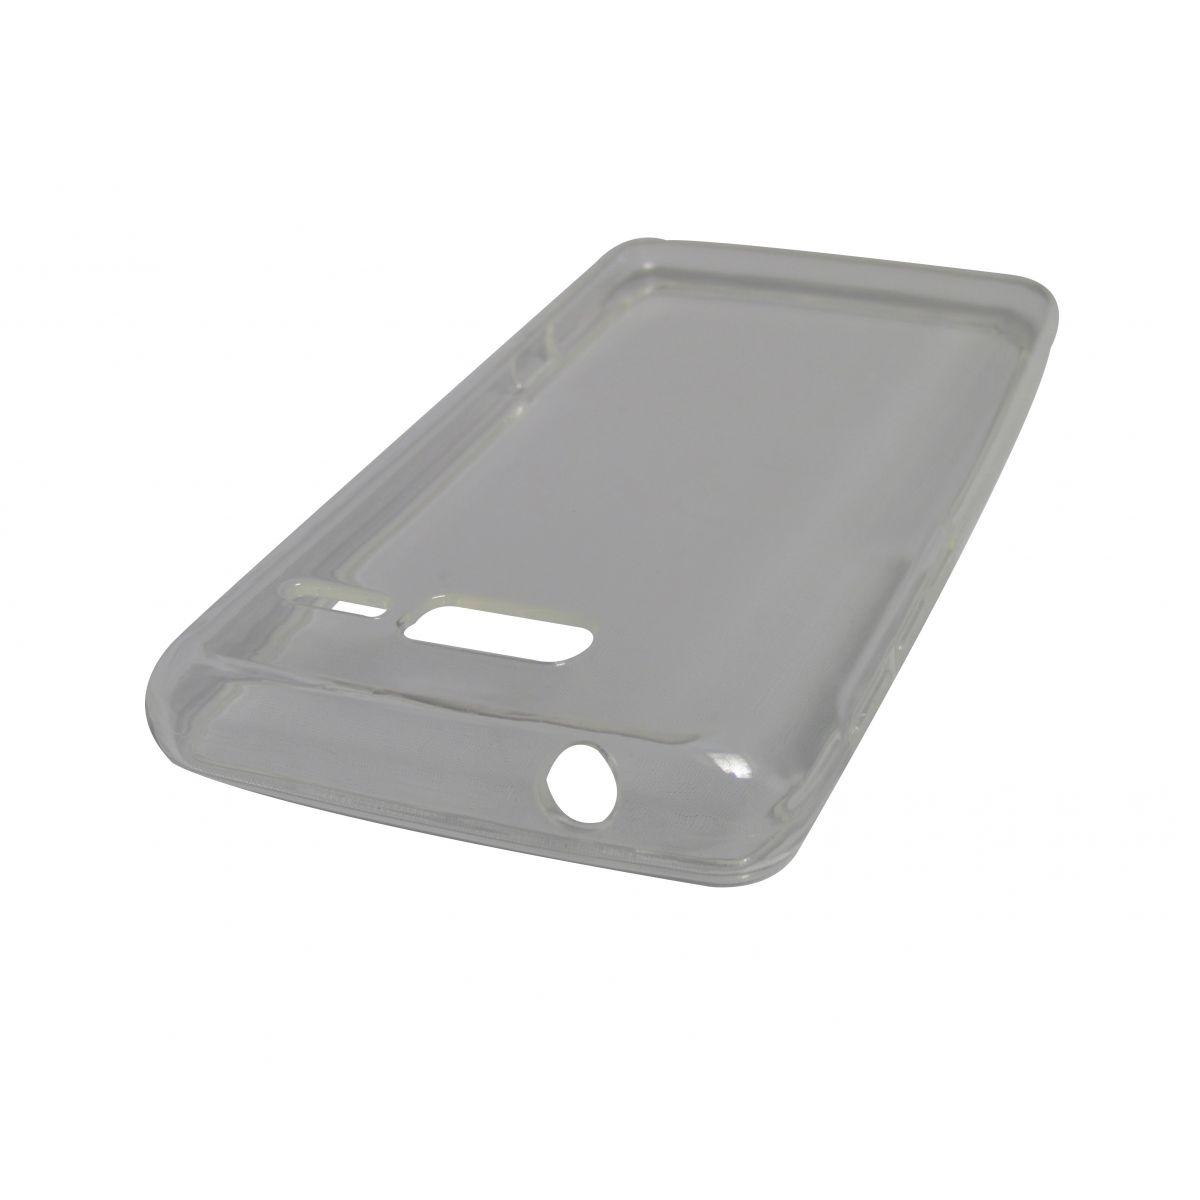 Capa TPU Transparente Motorola Razr I XT890 XT907 + Película Flexível